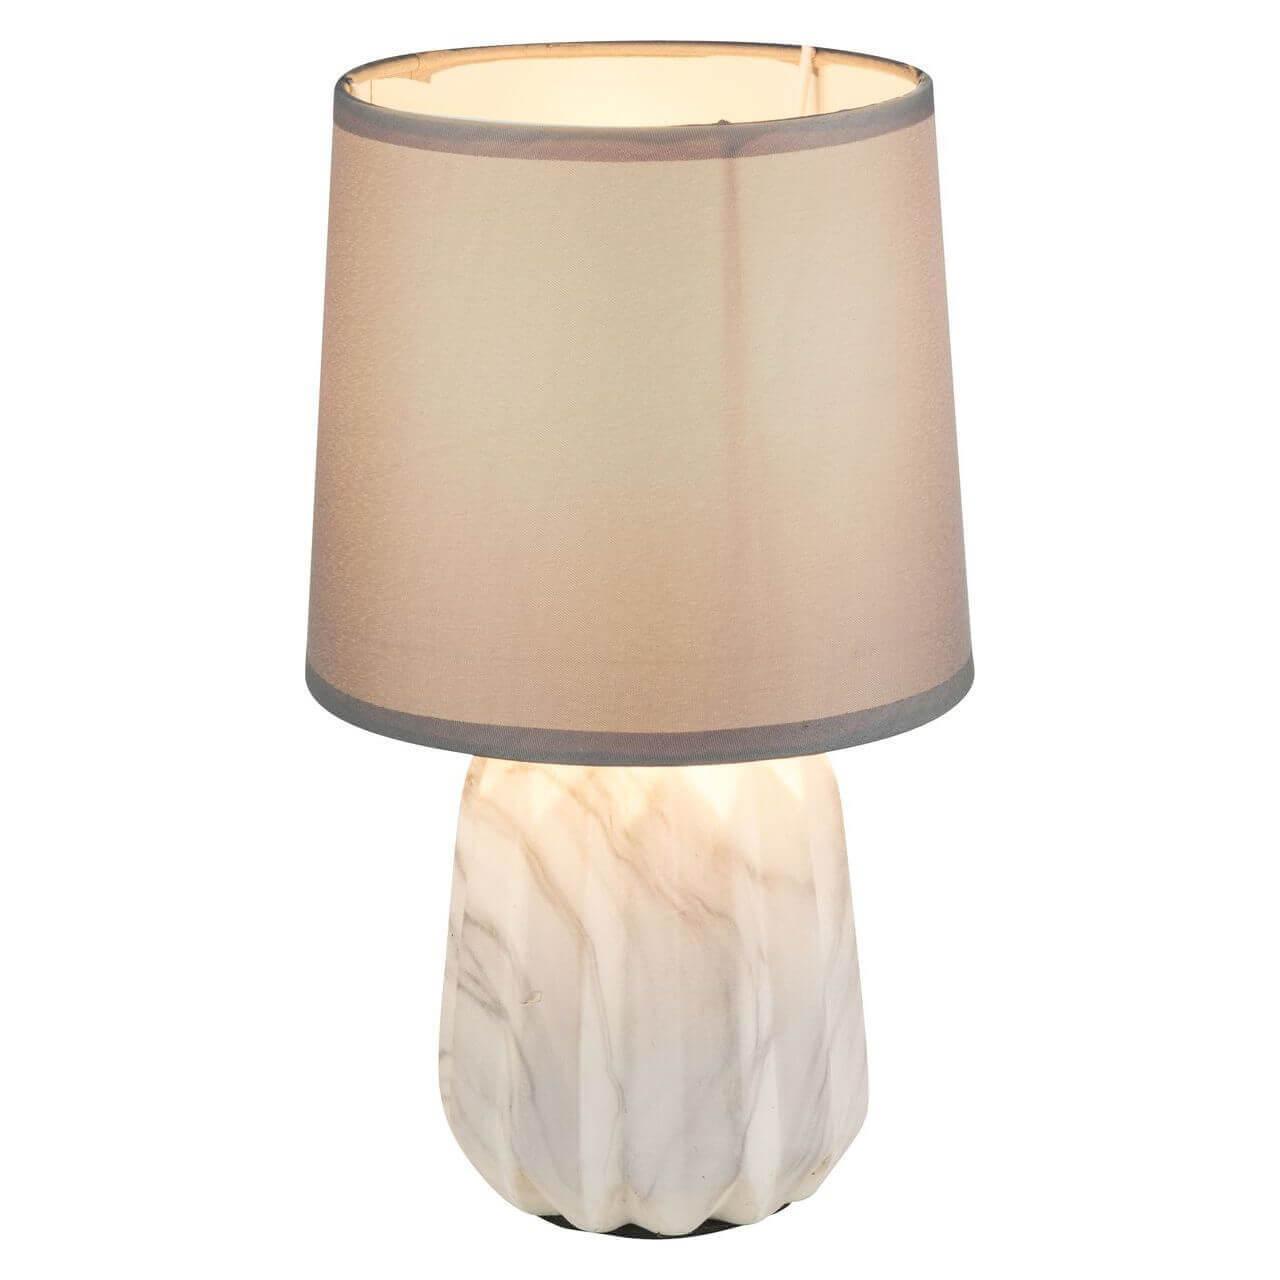 Настольная лампа Globo Jeremy 21640T настольная лампа декоративная globo jeremy 21643t